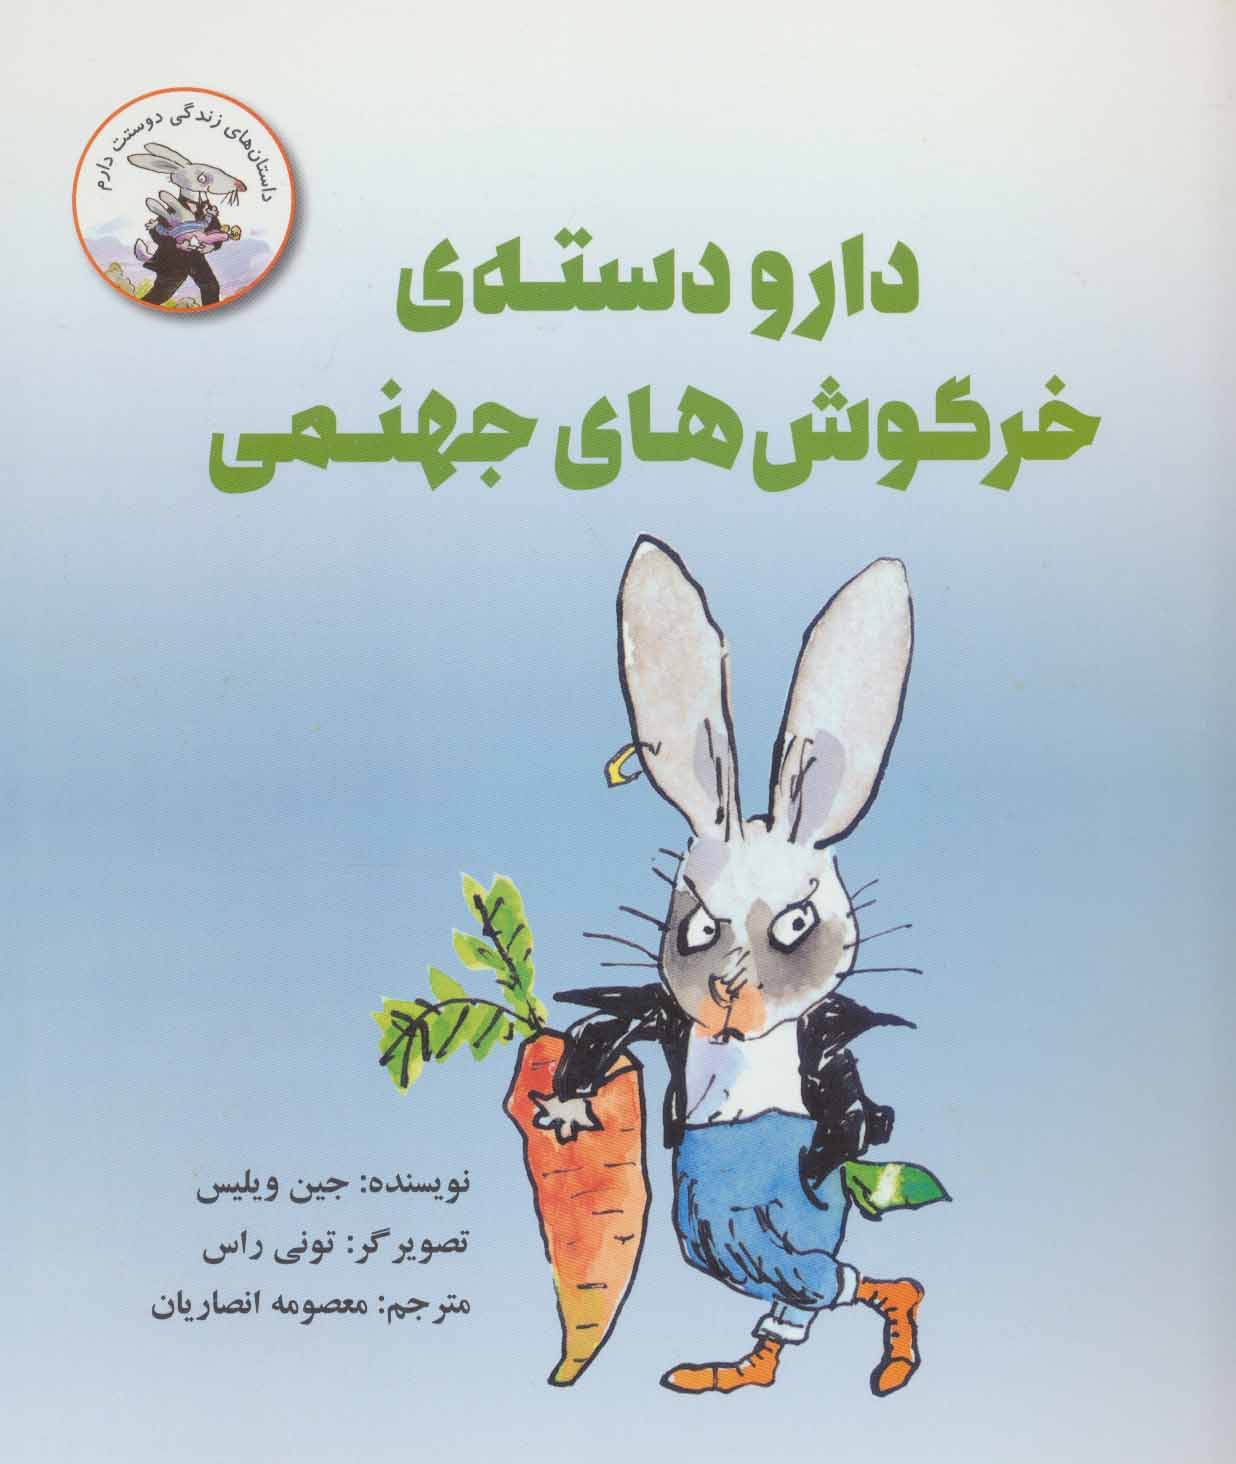 دار و دسته ی خرگوش های جهنمی (داستان های زندگی دوستت دارم)،(گلاسه)